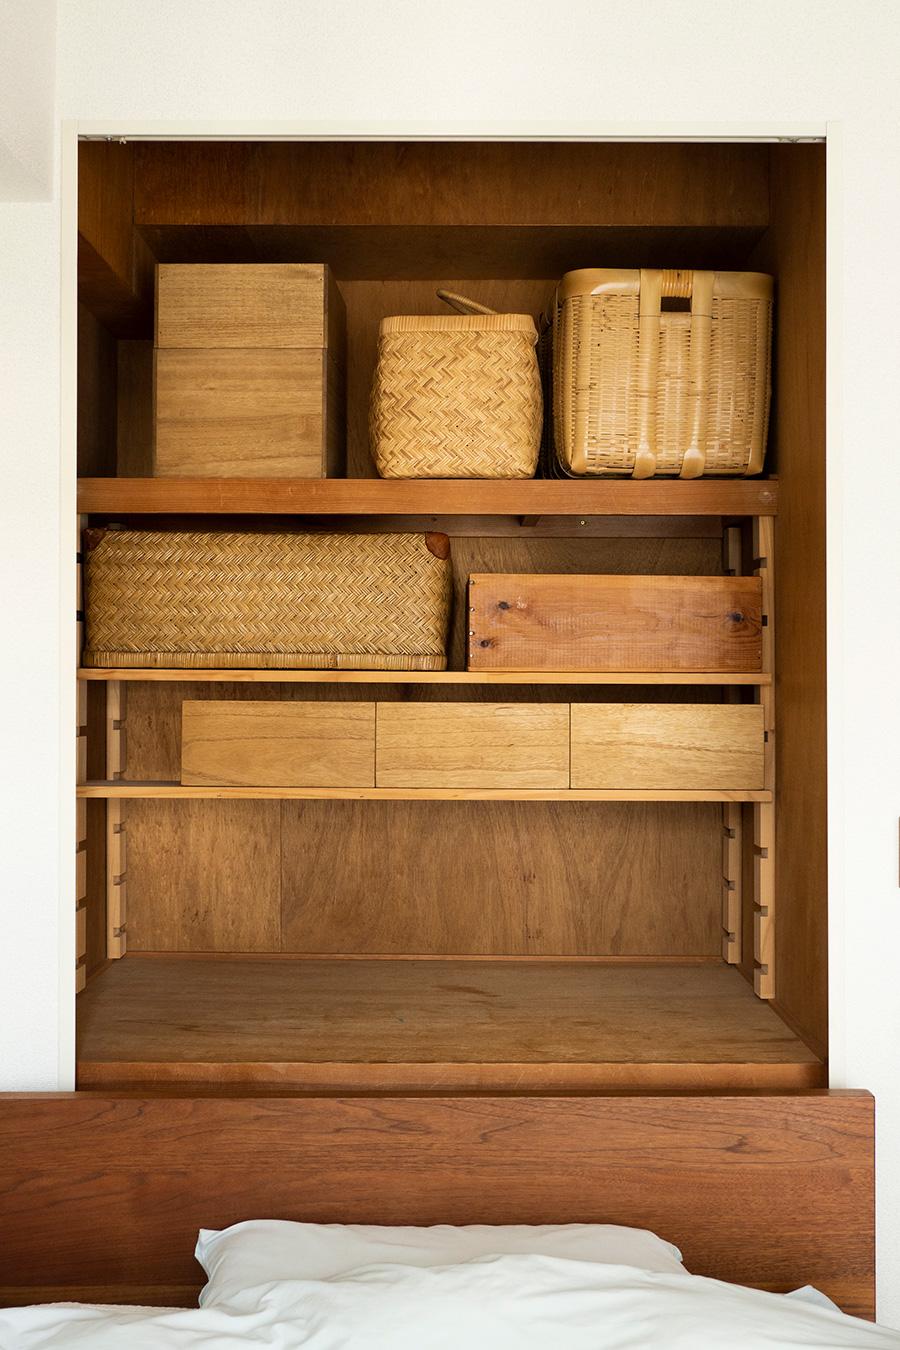 押し入れの扉も取り外してオープンに。柳行李やワイン箱などを収納ボックスに使用することで、インテリアに調和させている。